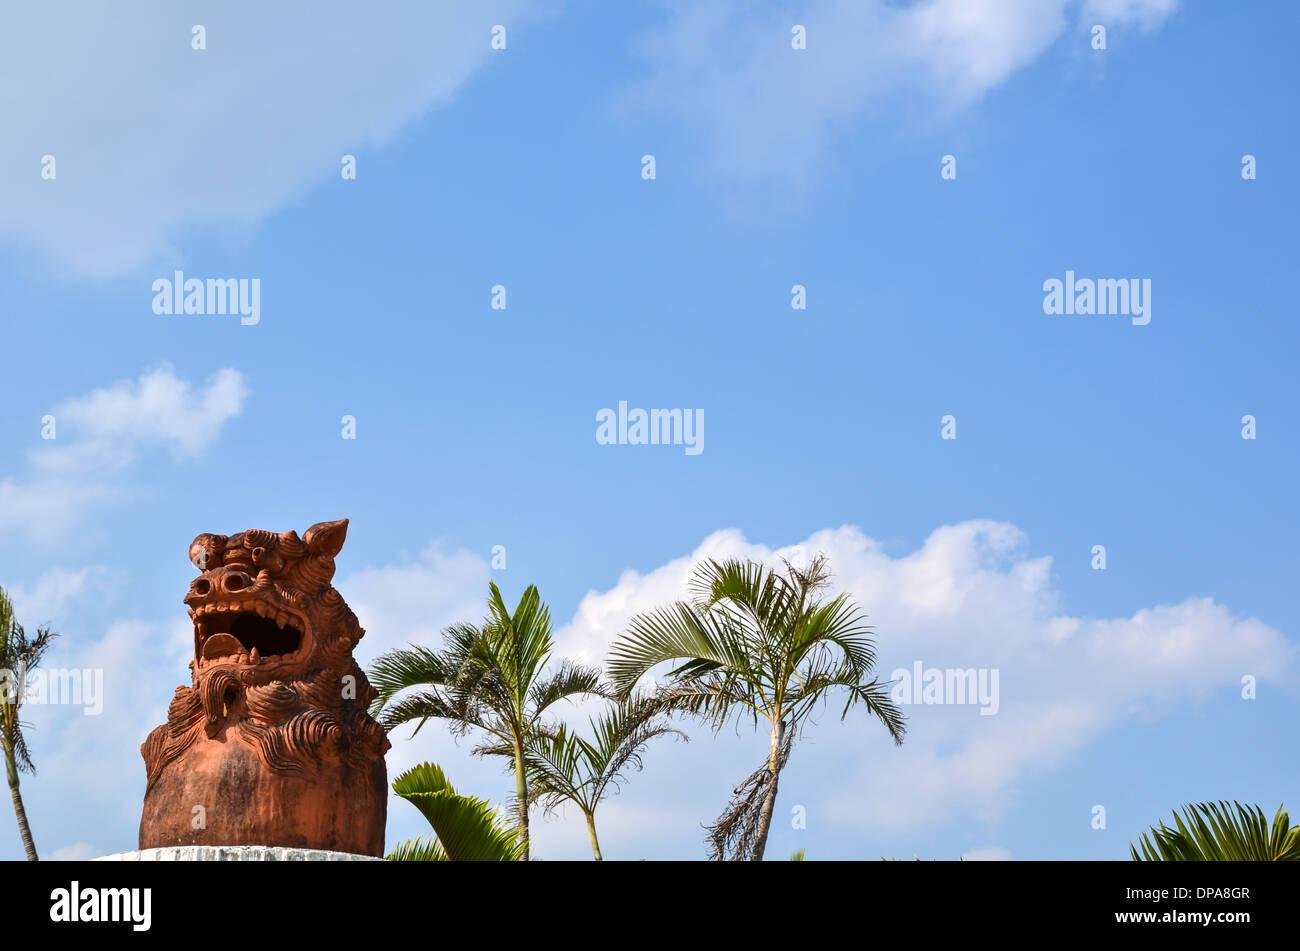 Okinawan shisa, doglion, at palm trees at the island Okinawa in japan - Stock Image